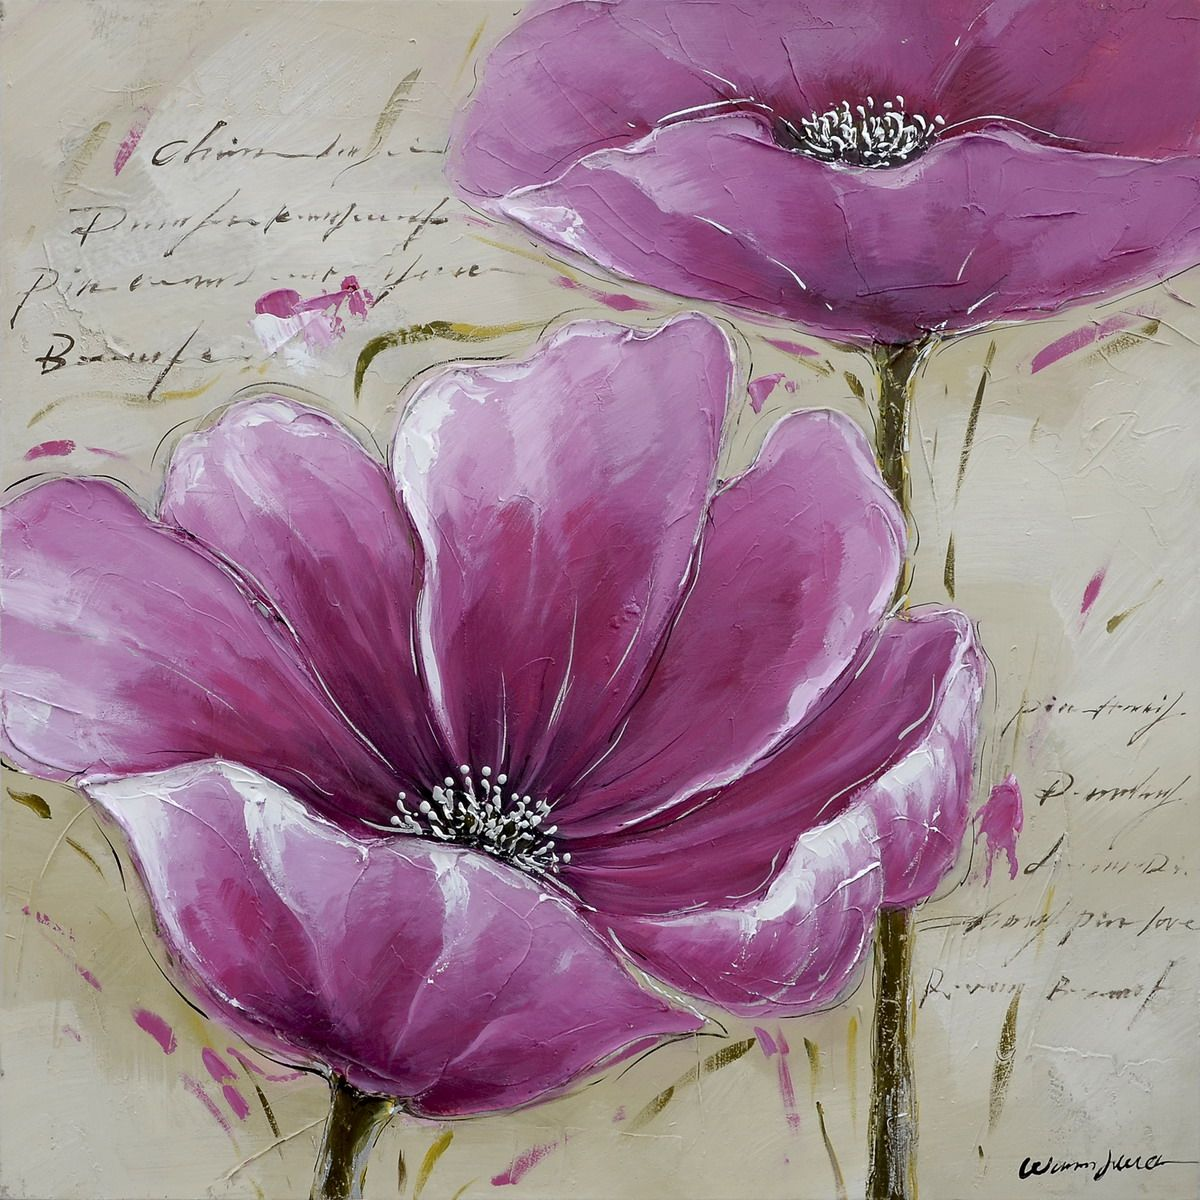 Tableau Peinture Sur Toile Fleur Epopee Florale 1 30x30cm Picture